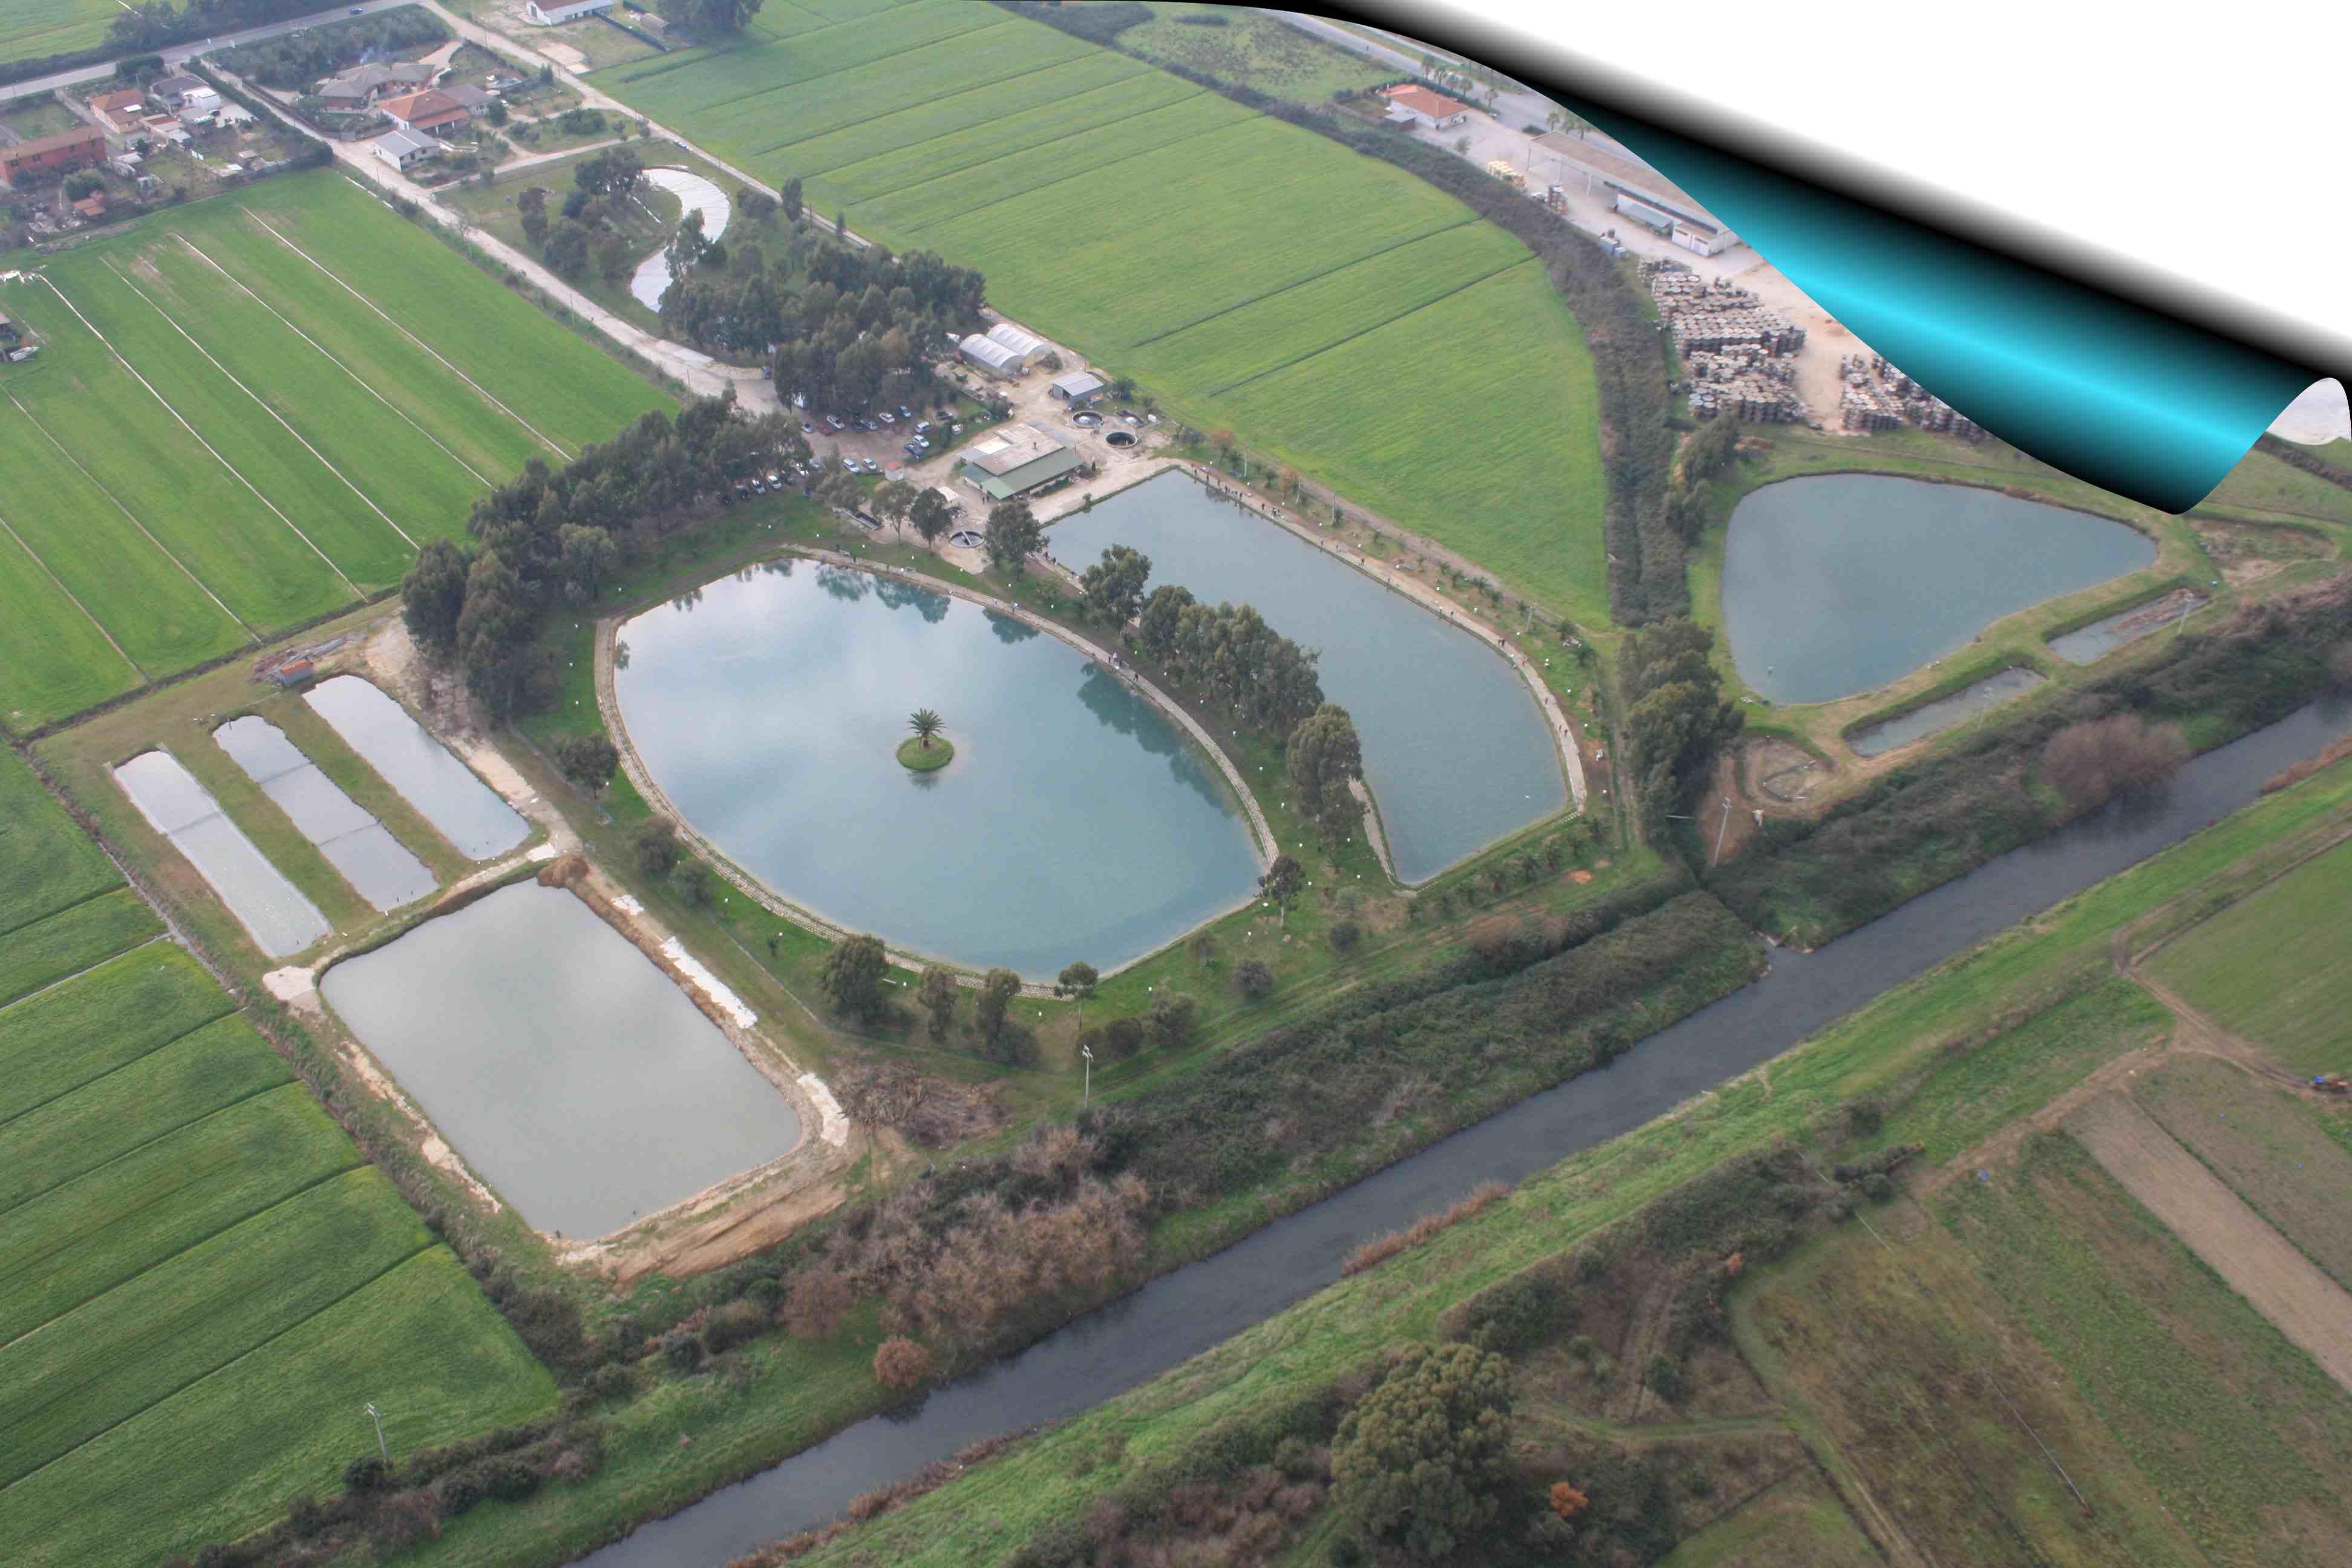 Lago smeraldo pesca sportiva e itticoltura a latina for Vendita pesci da laghetto online